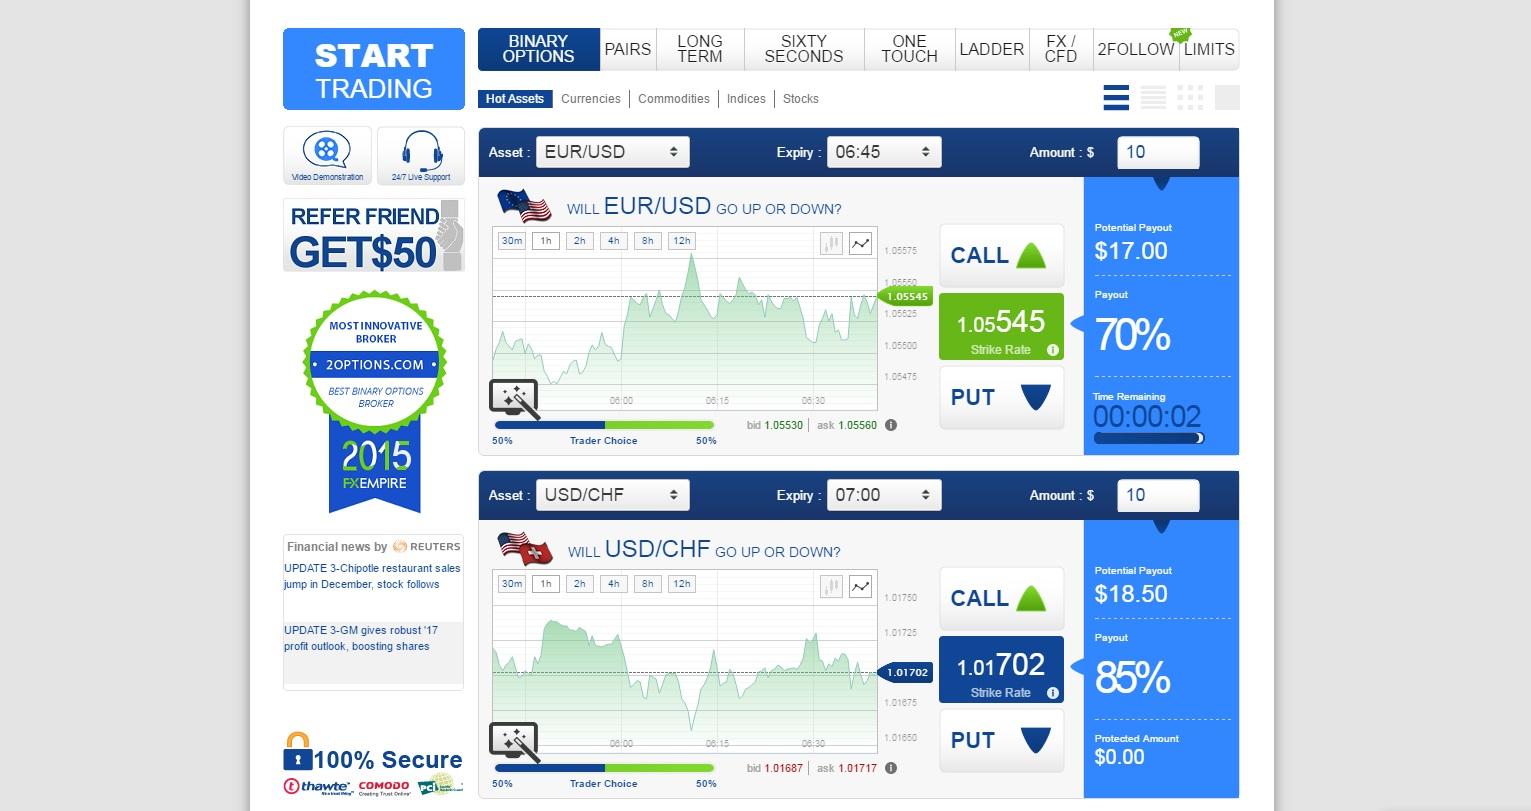 Cei mai buni brokeri de opțiuni digitale / binare 2020 - Top5